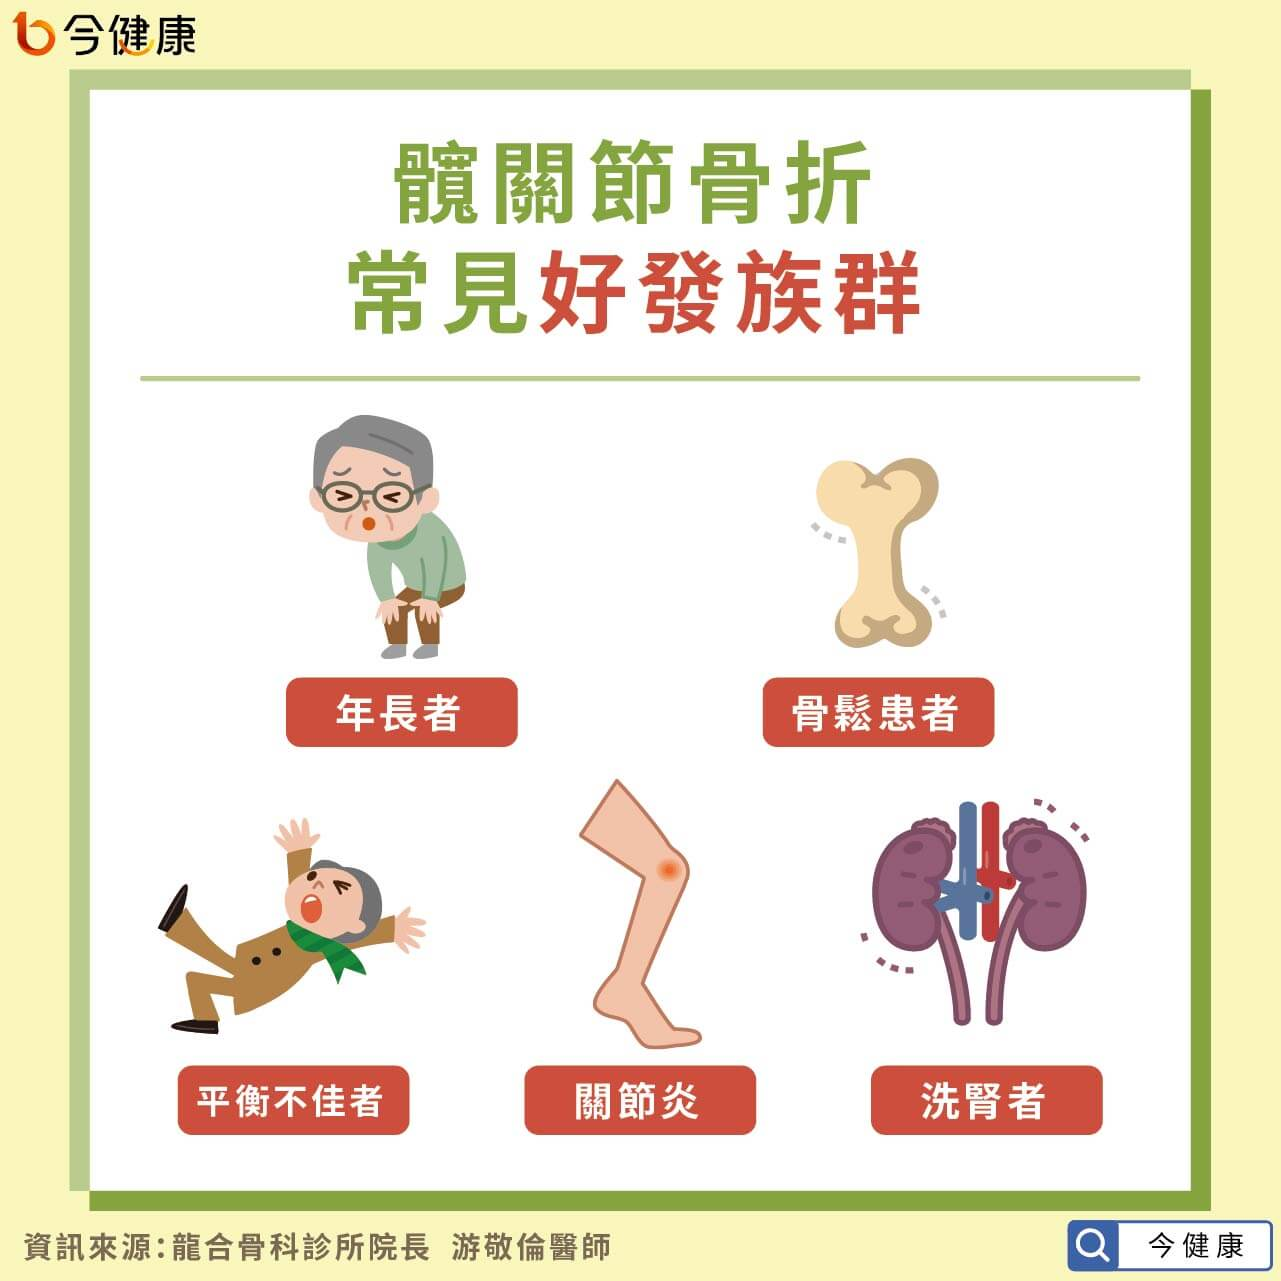 #髖關節骨折 #髖關節 #骨折 #骨鬆 #骨質疏鬆 #骨質疏鬆症 #游敬倫